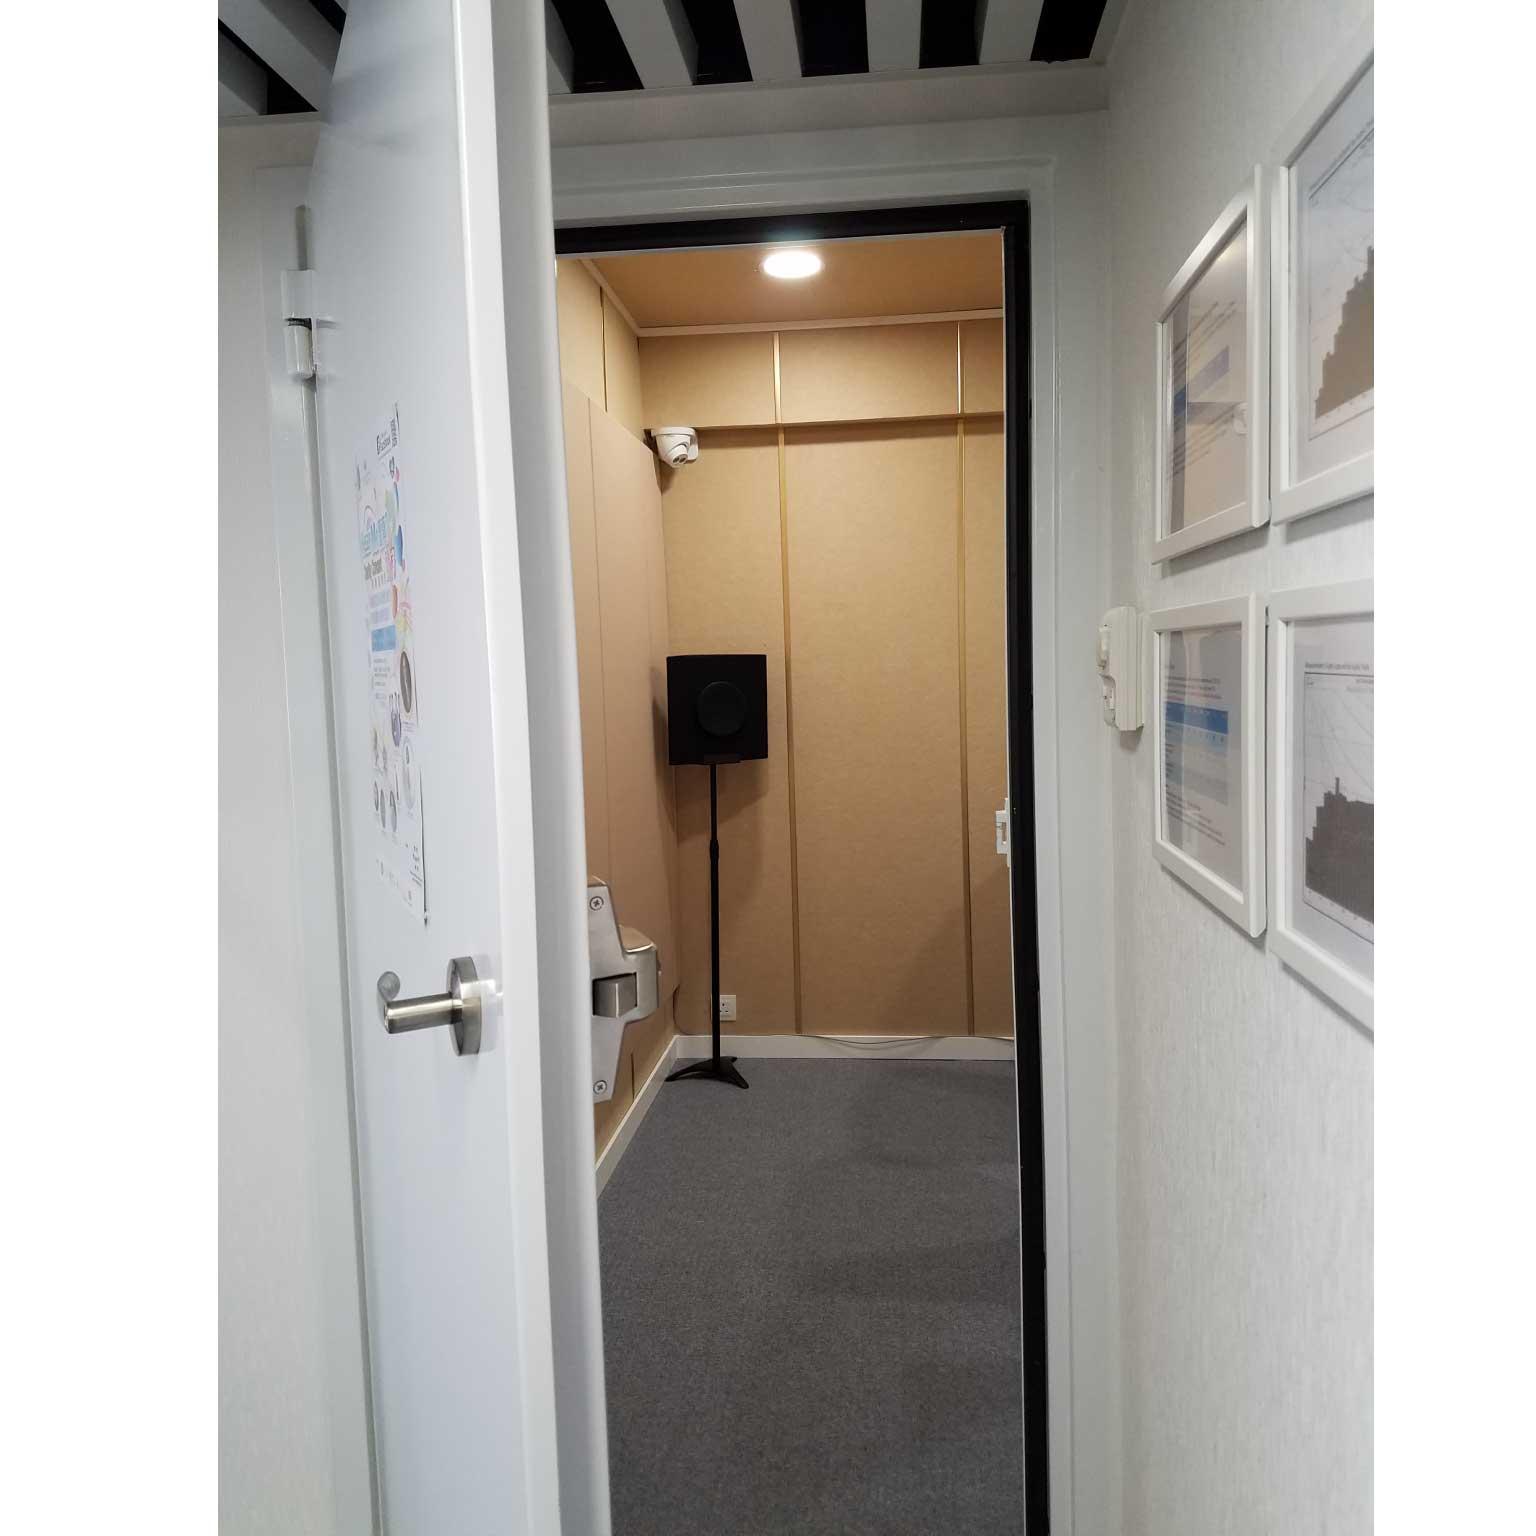 銅鑼灣聽力中心聽力測試房